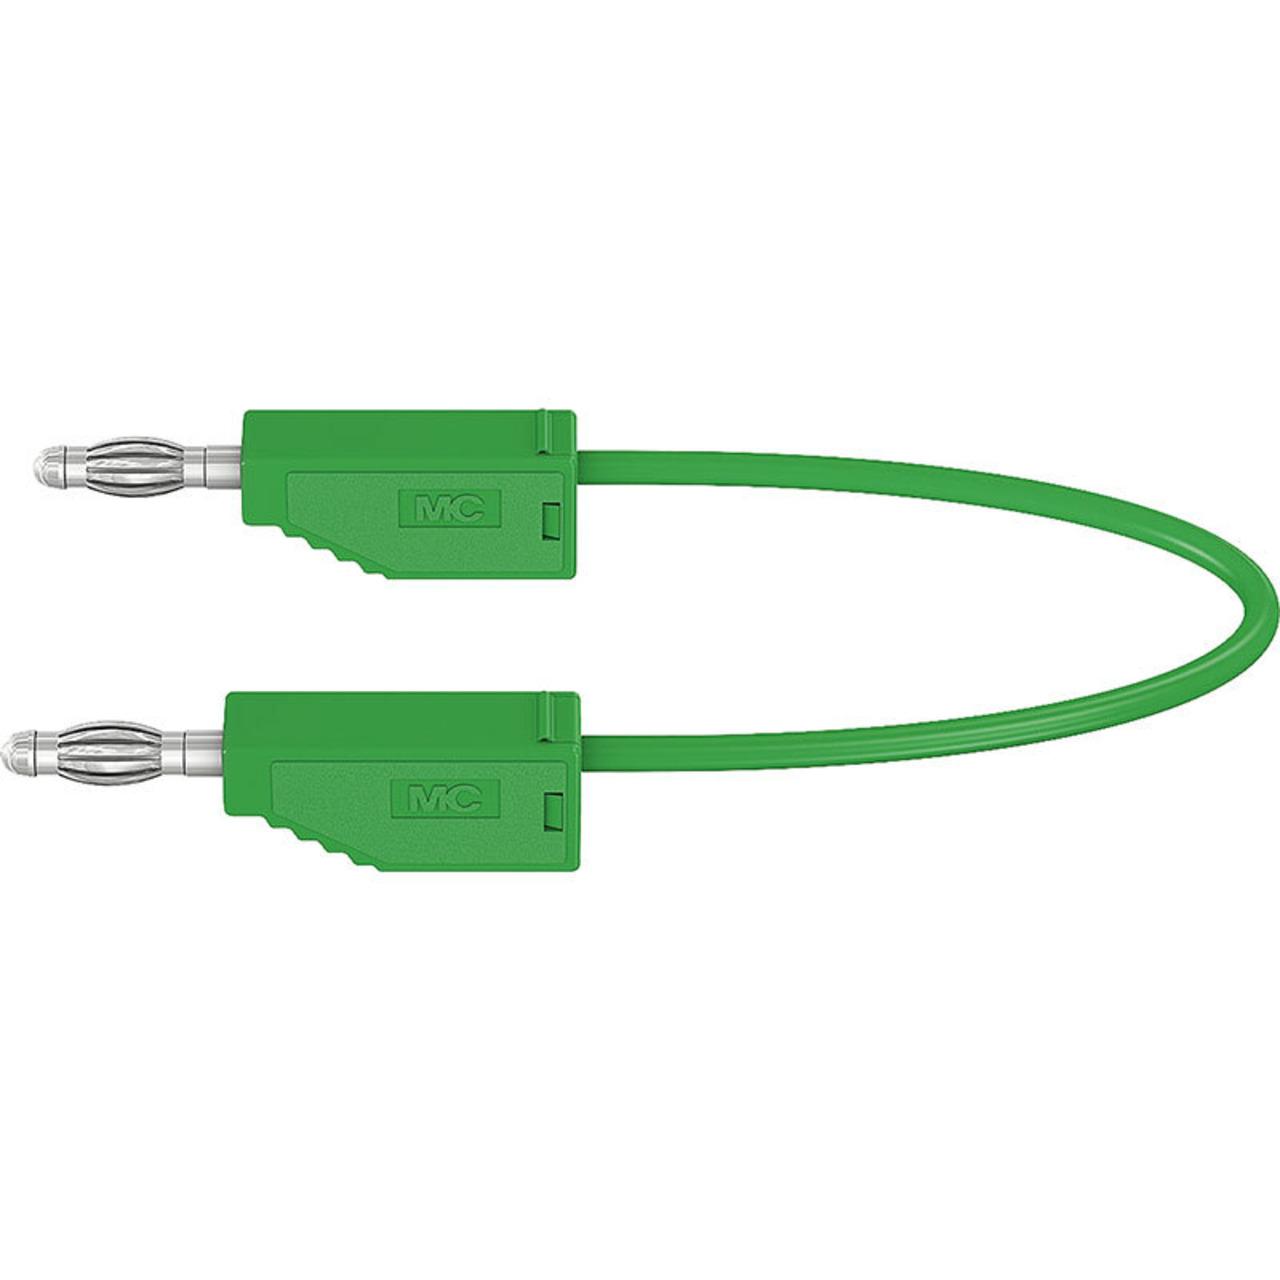 Silikon-Verbindungsleitungen LK425-A-SIL 4 mm- 30A- 2m- grün